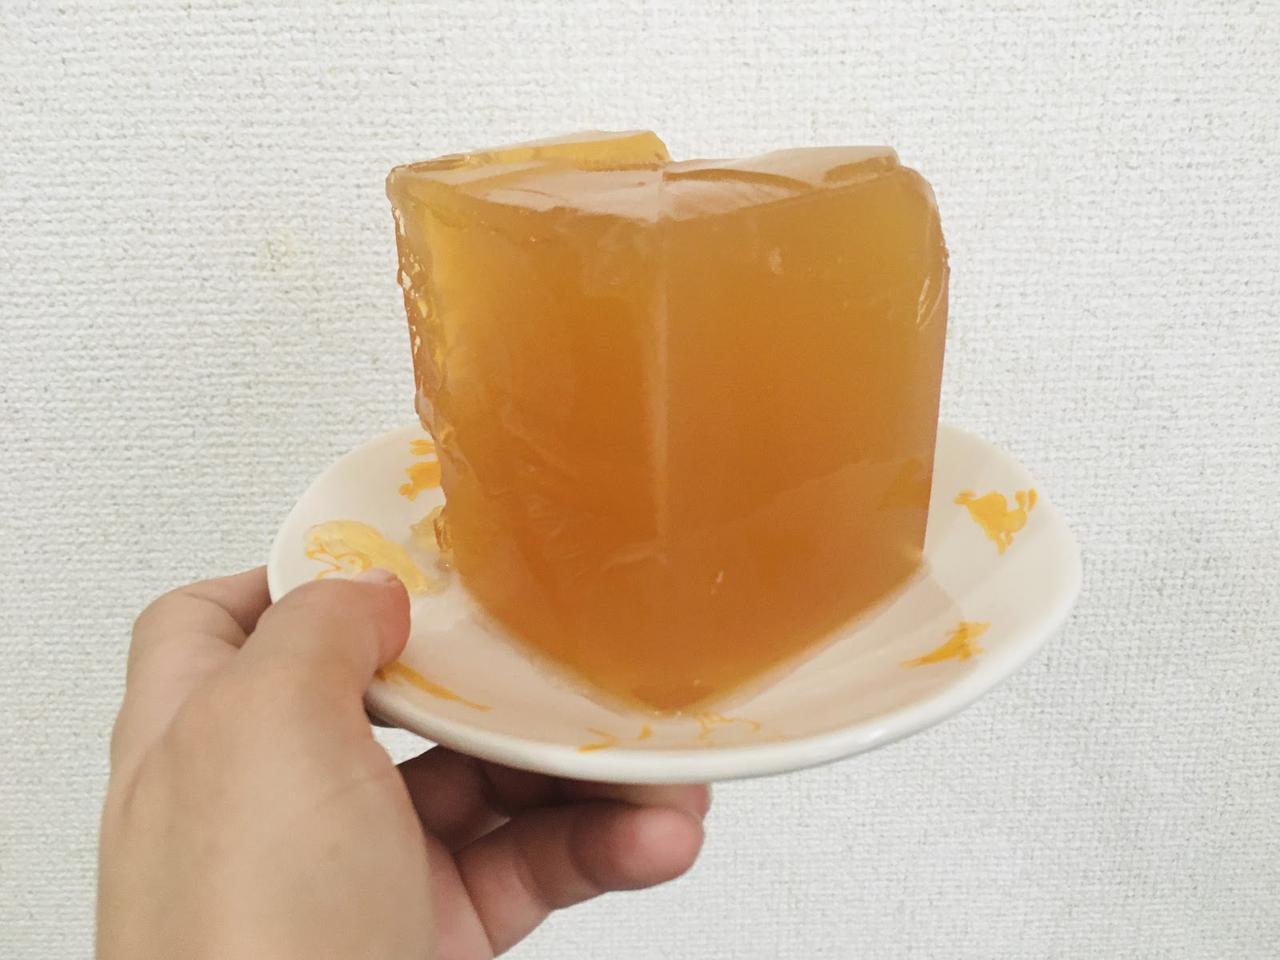 画像: 筆者撮影 紙パックジュースを使って作るゼリーは四角になります